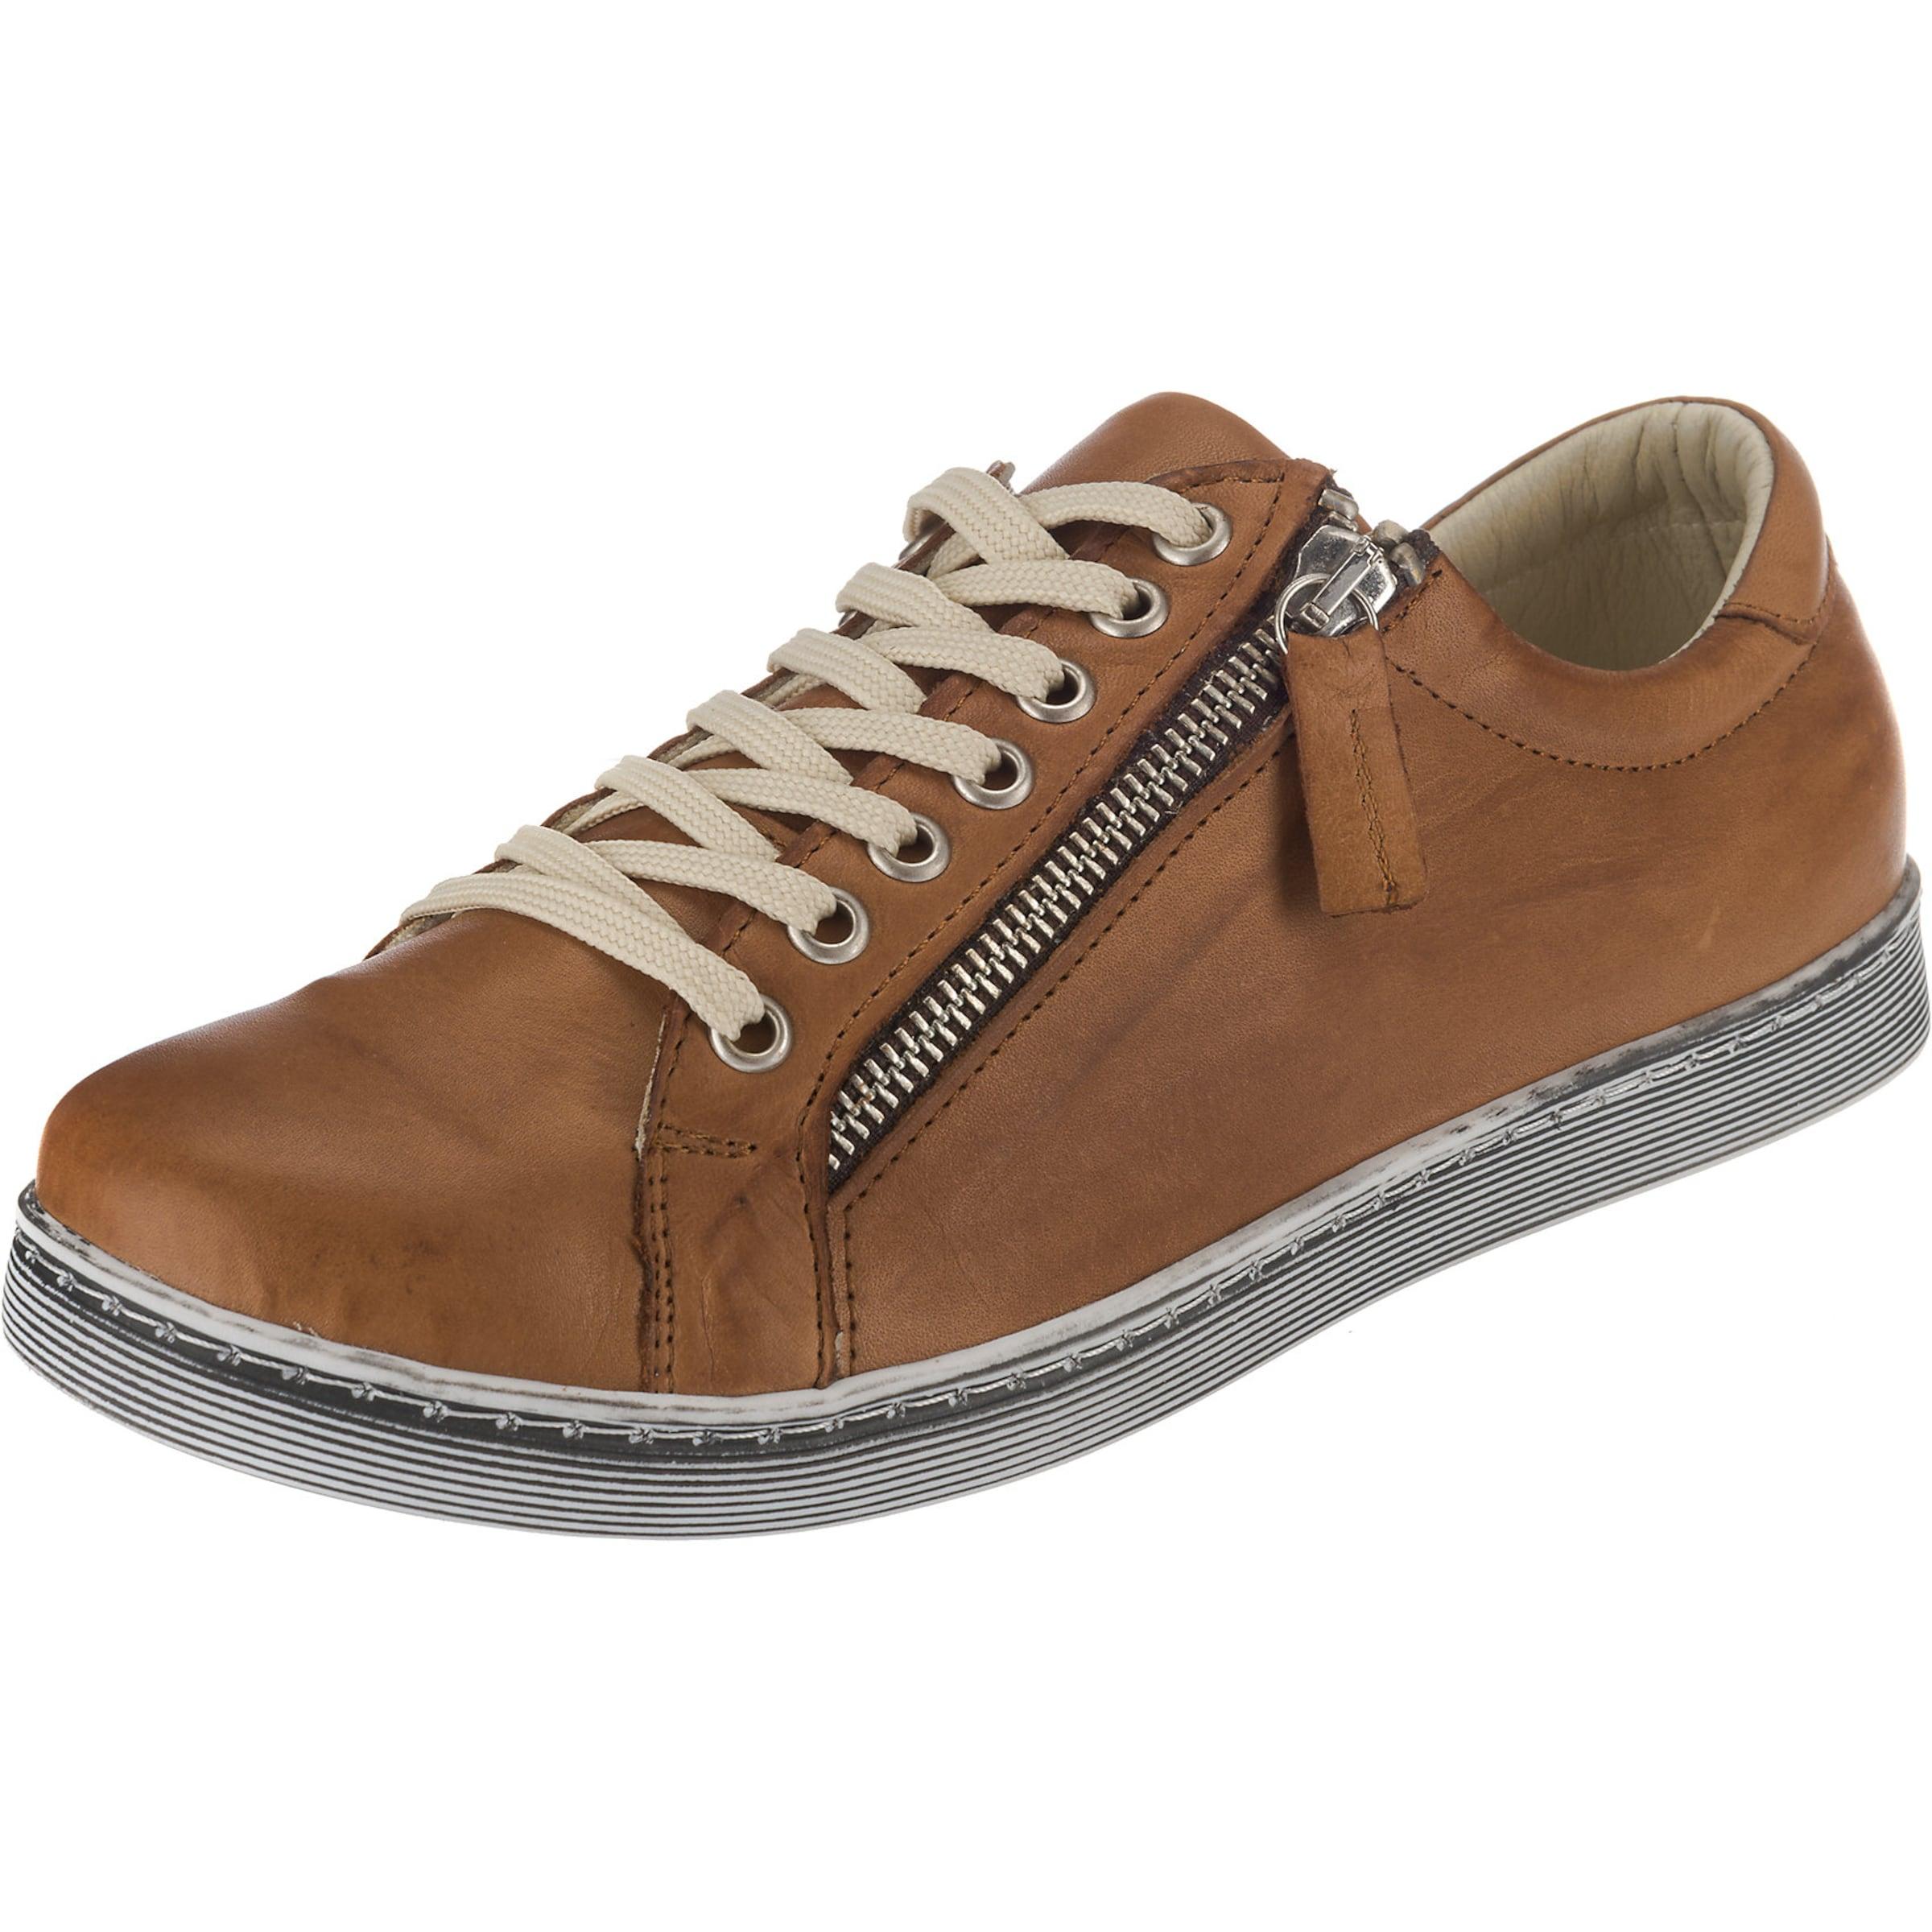 ANDREA CONTI Sneakers Low Günstige und langlebige Schuhe